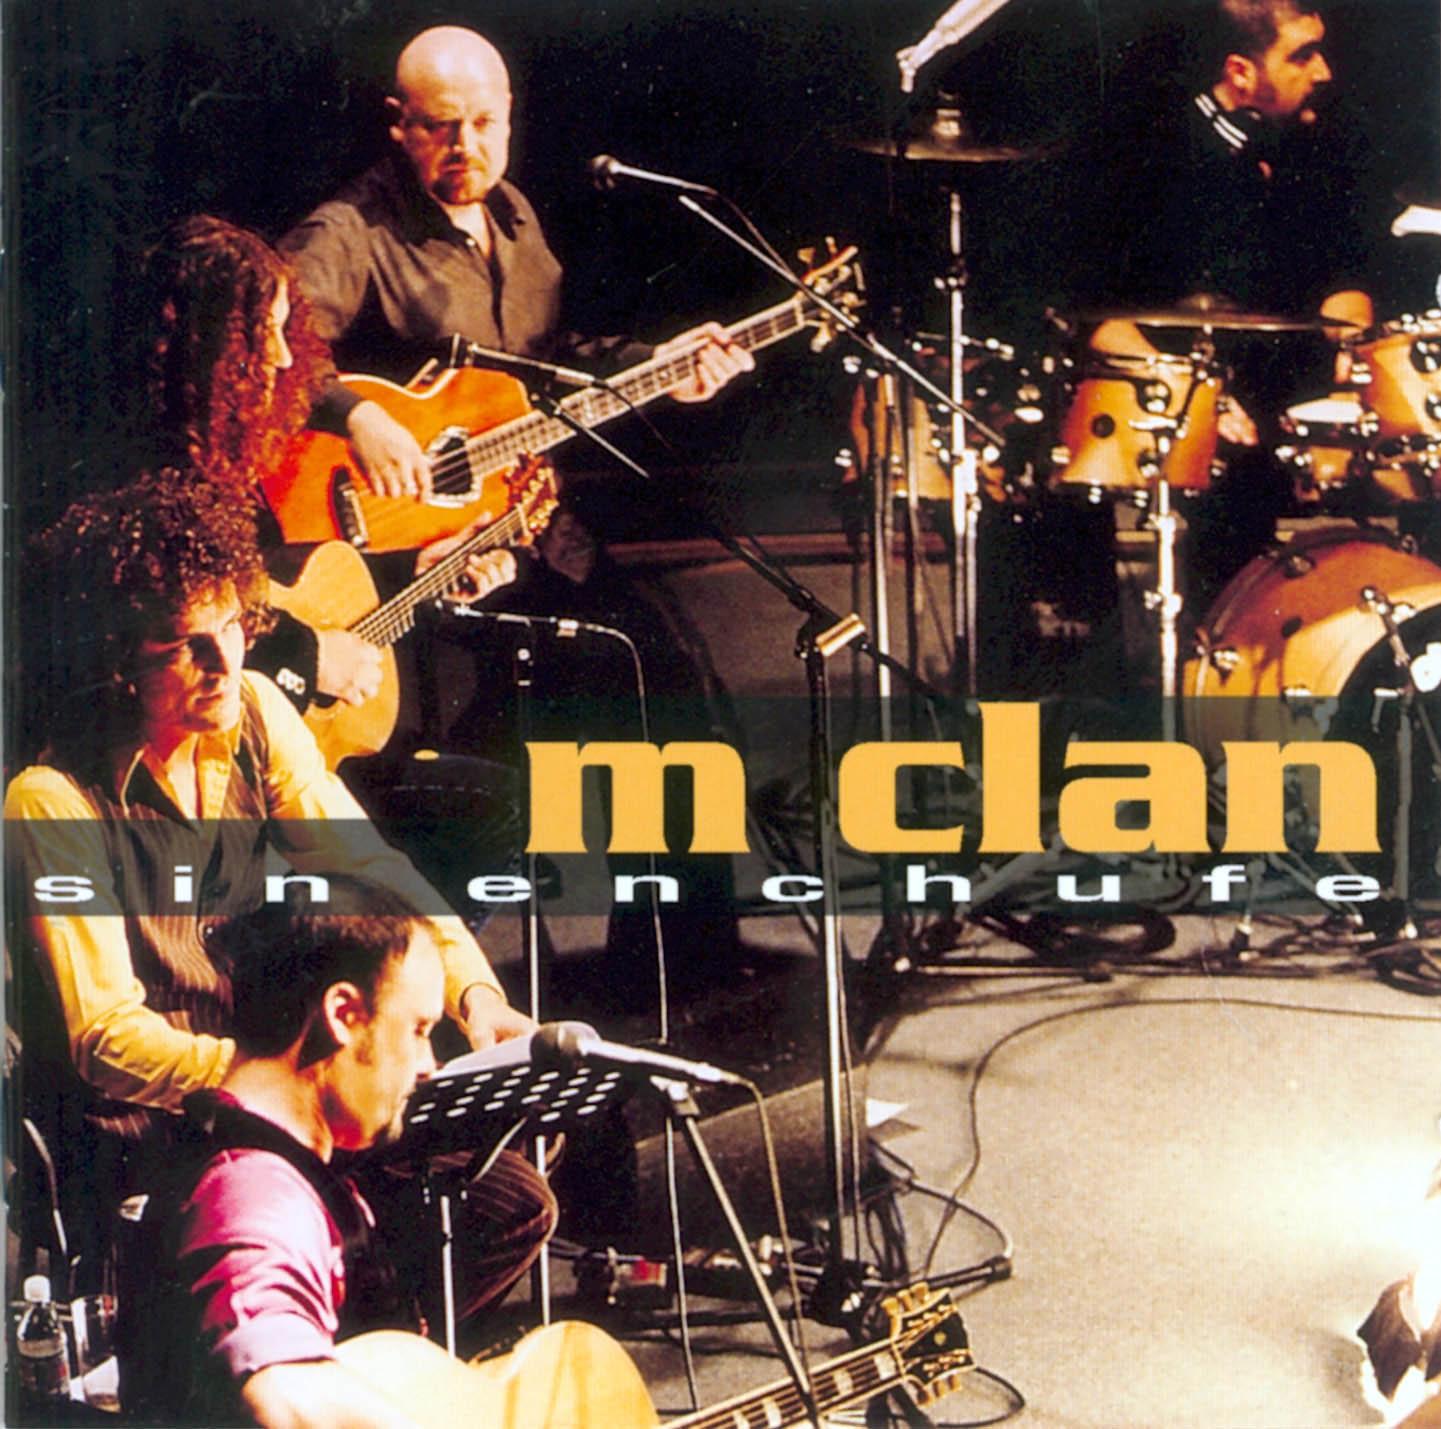 m clan discografia completa mega